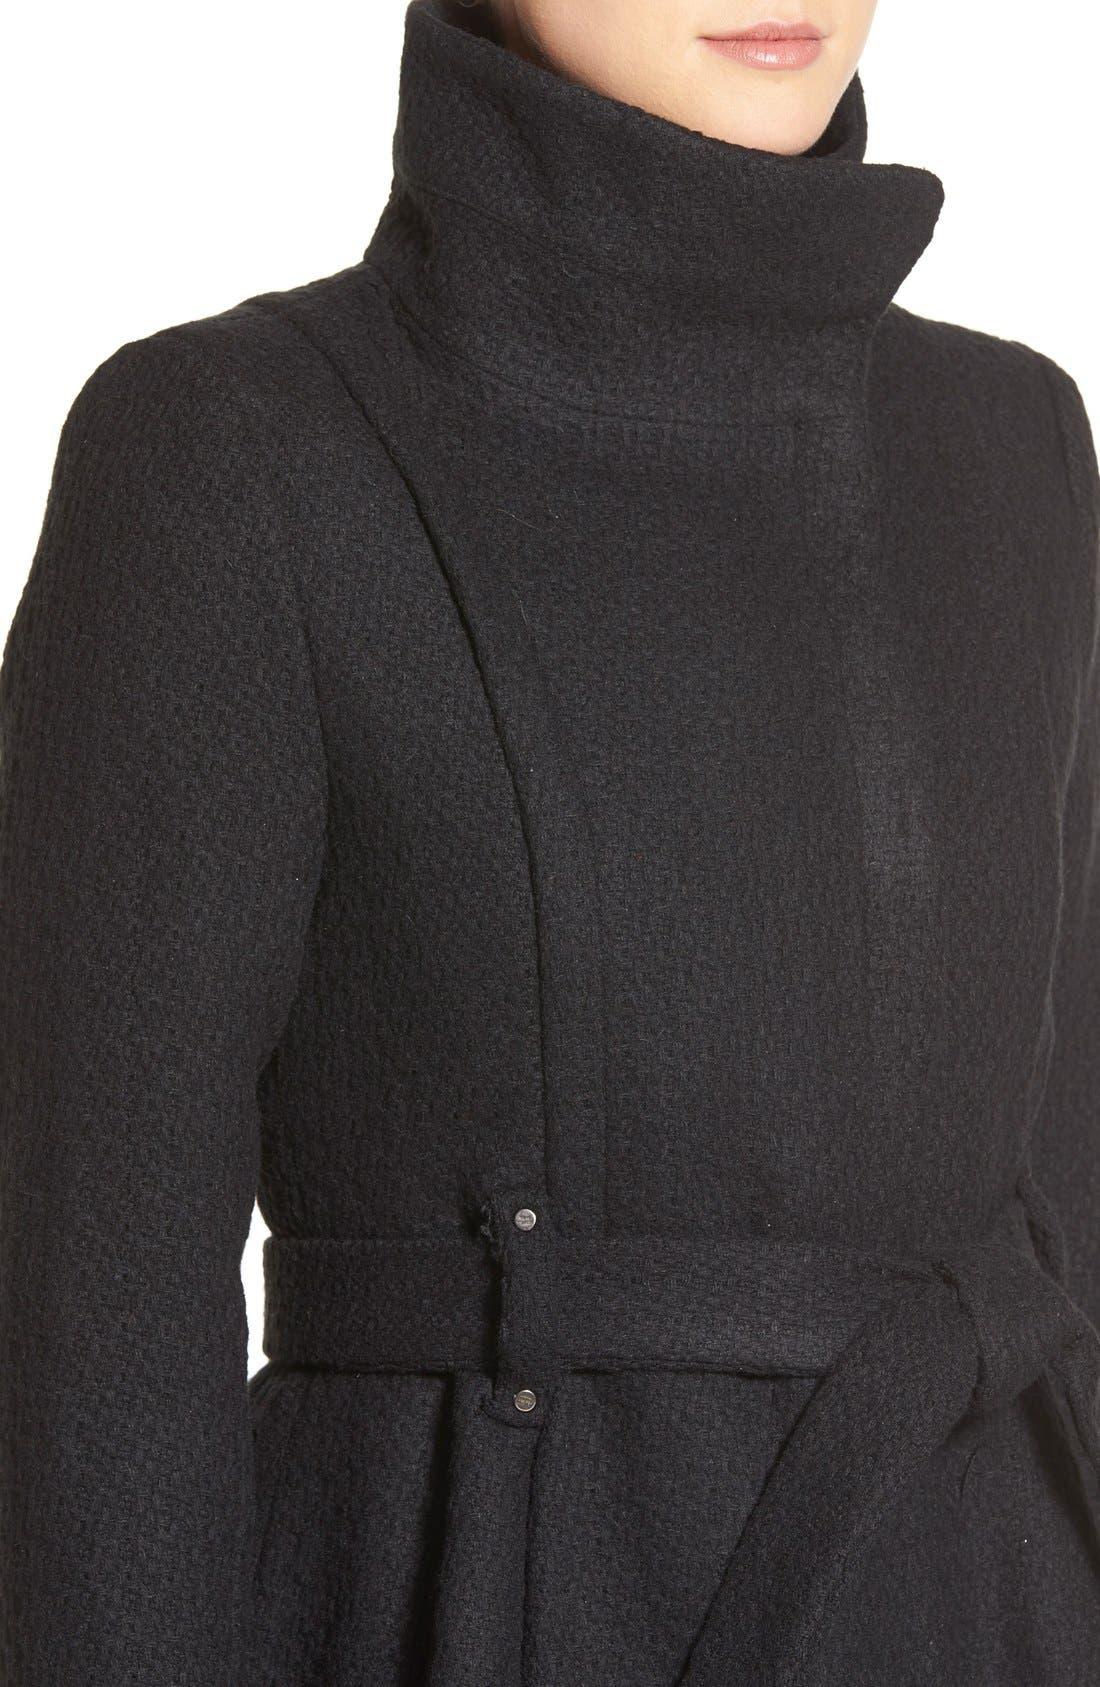 STEVE MADDEN,                             Steven Madden Asymmetrical Zip Skirted Coat,                             Alternate thumbnail 2, color,                             001